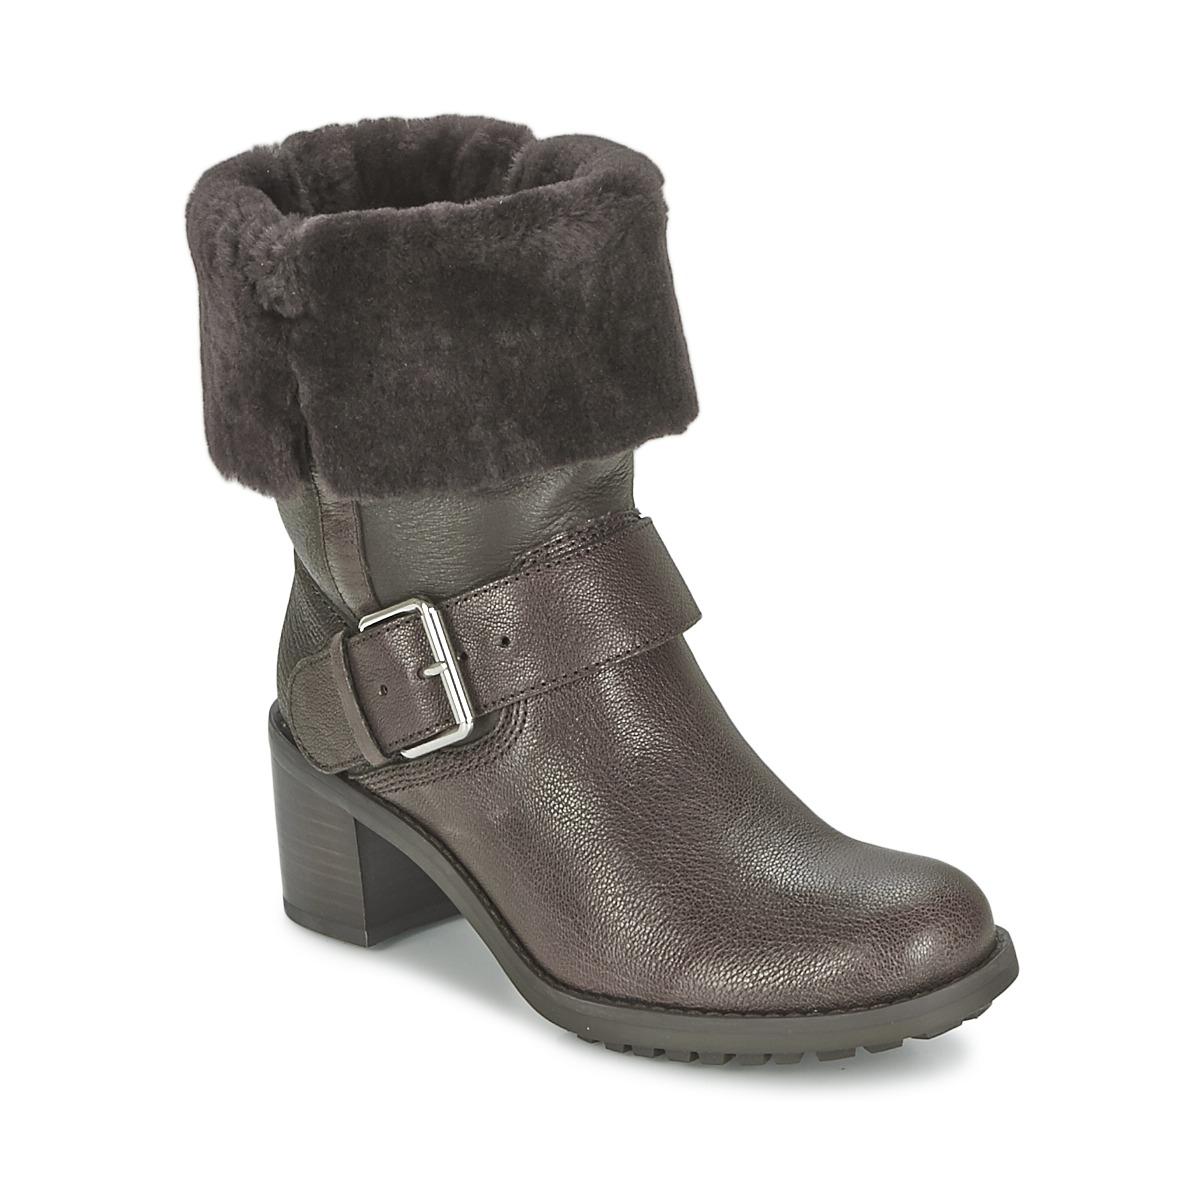 Clarks PILICO PLACE Braun - Kostenloser Versand bei Spartoode ! - Schuhe Boots Damen 135,20 €